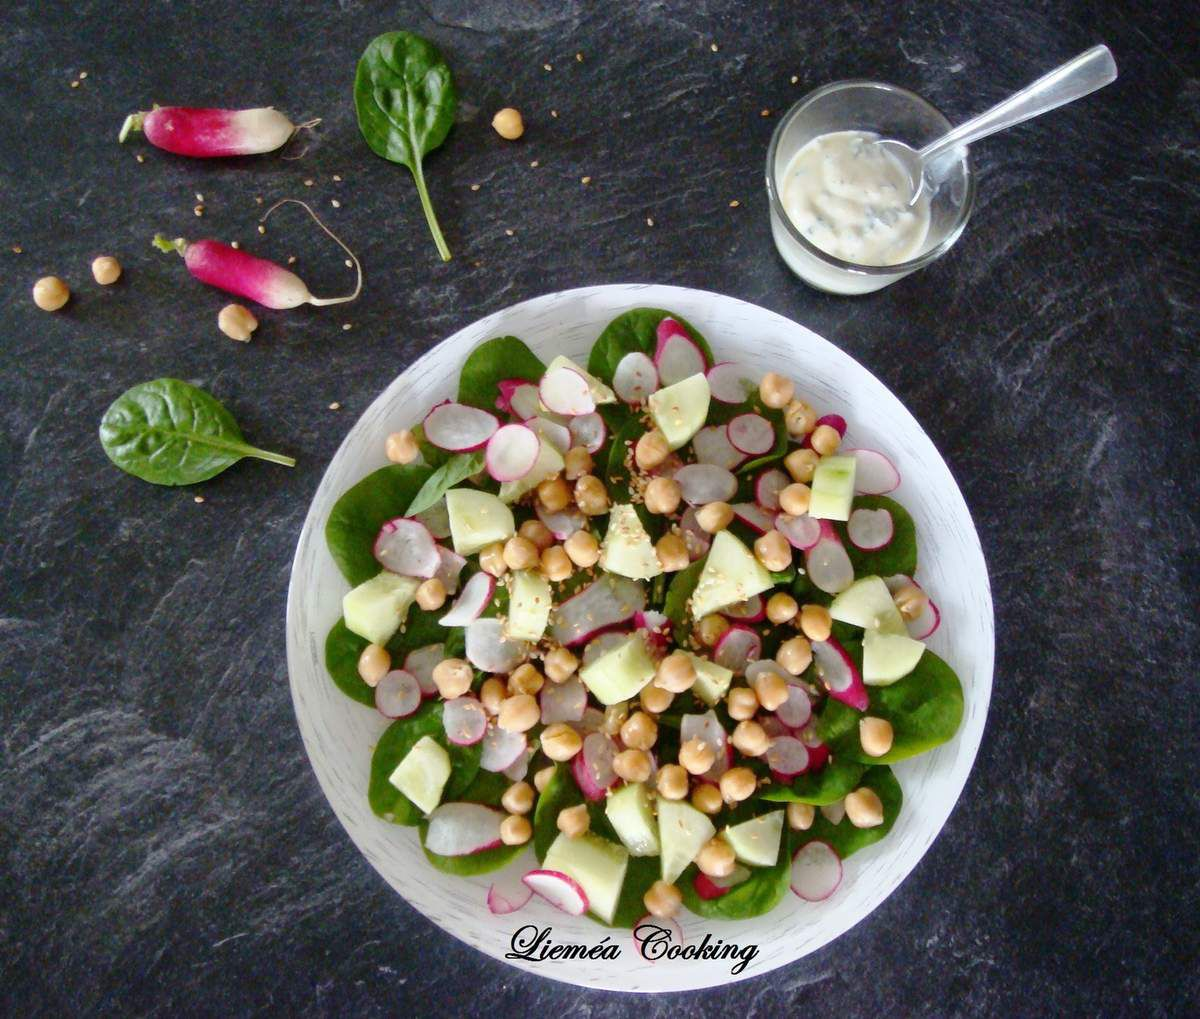 Salade de printemps au sésame grillé, sauce yaourt/menthe